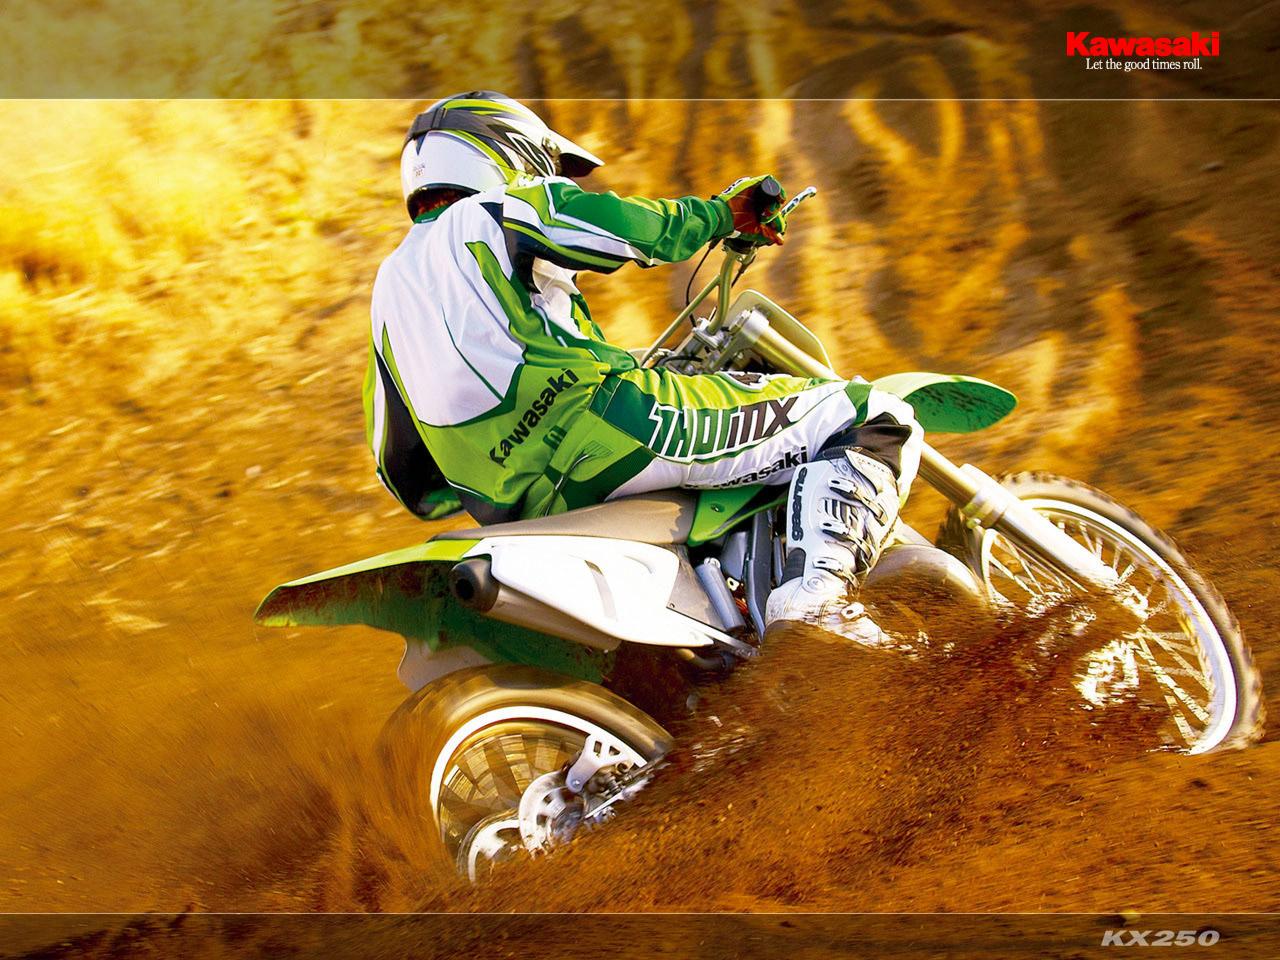 Fond Wallpaper Kawasaki D Ecran Kx 250 Jul1tc3fk